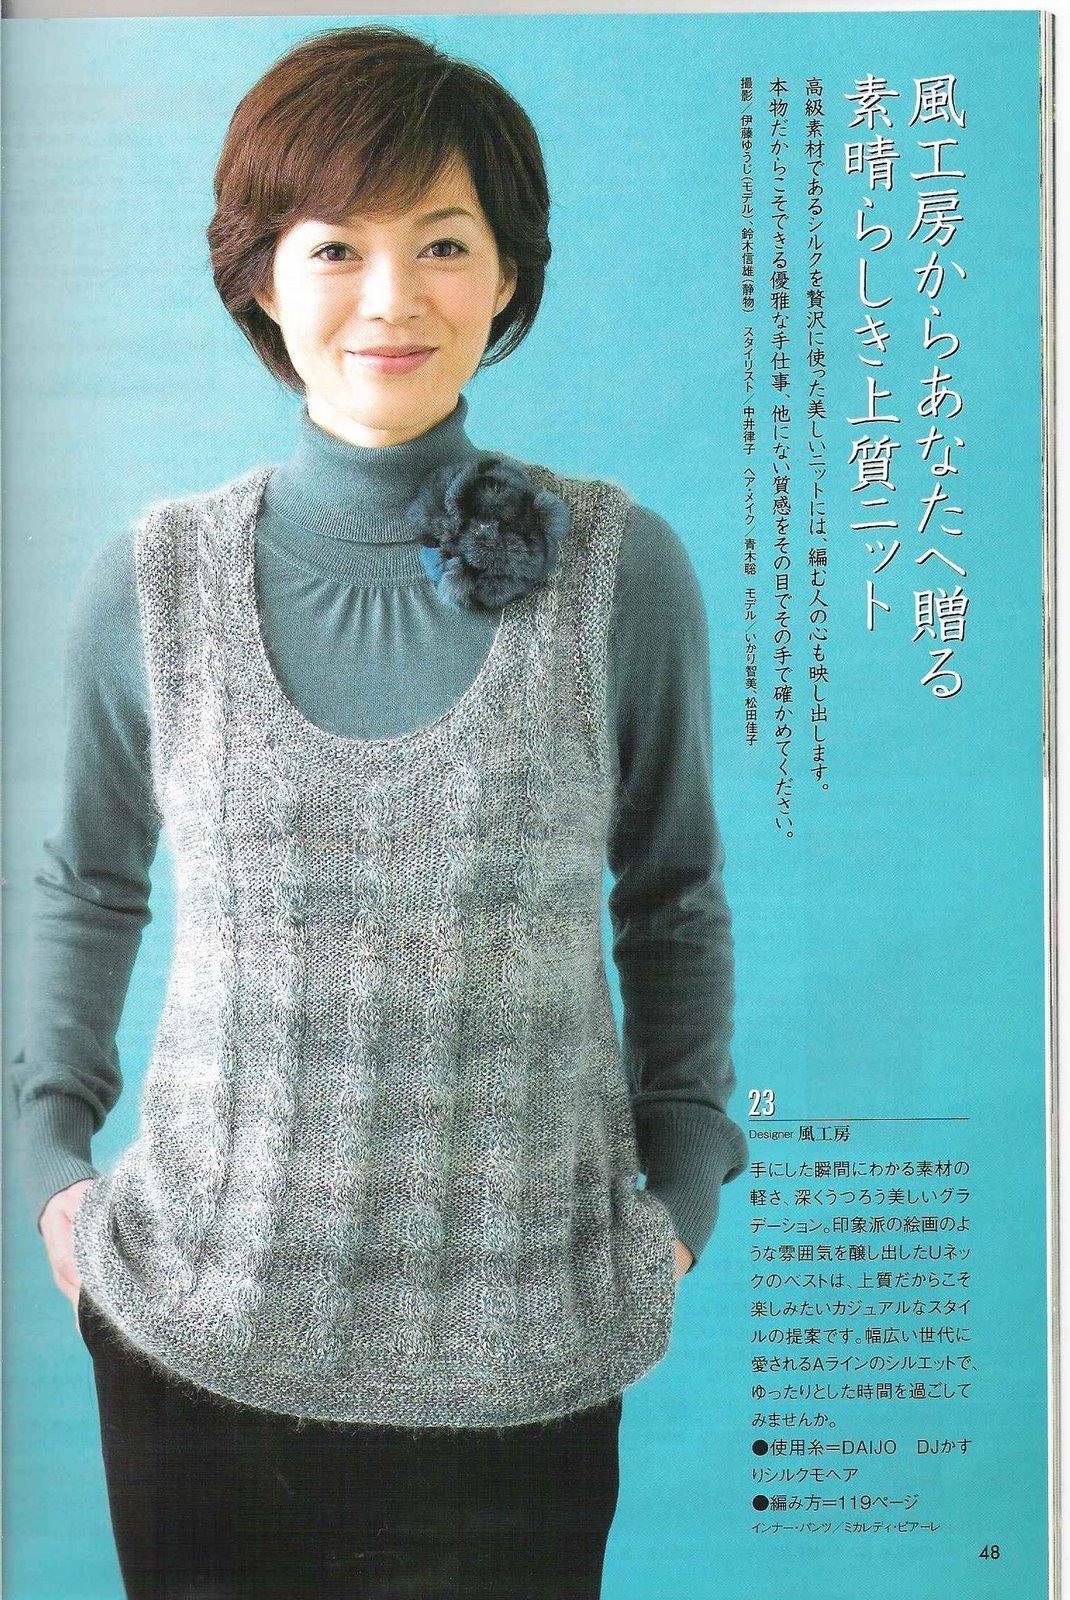 AMU 2007 9 - 编织幸福 - 编织幸福的博客